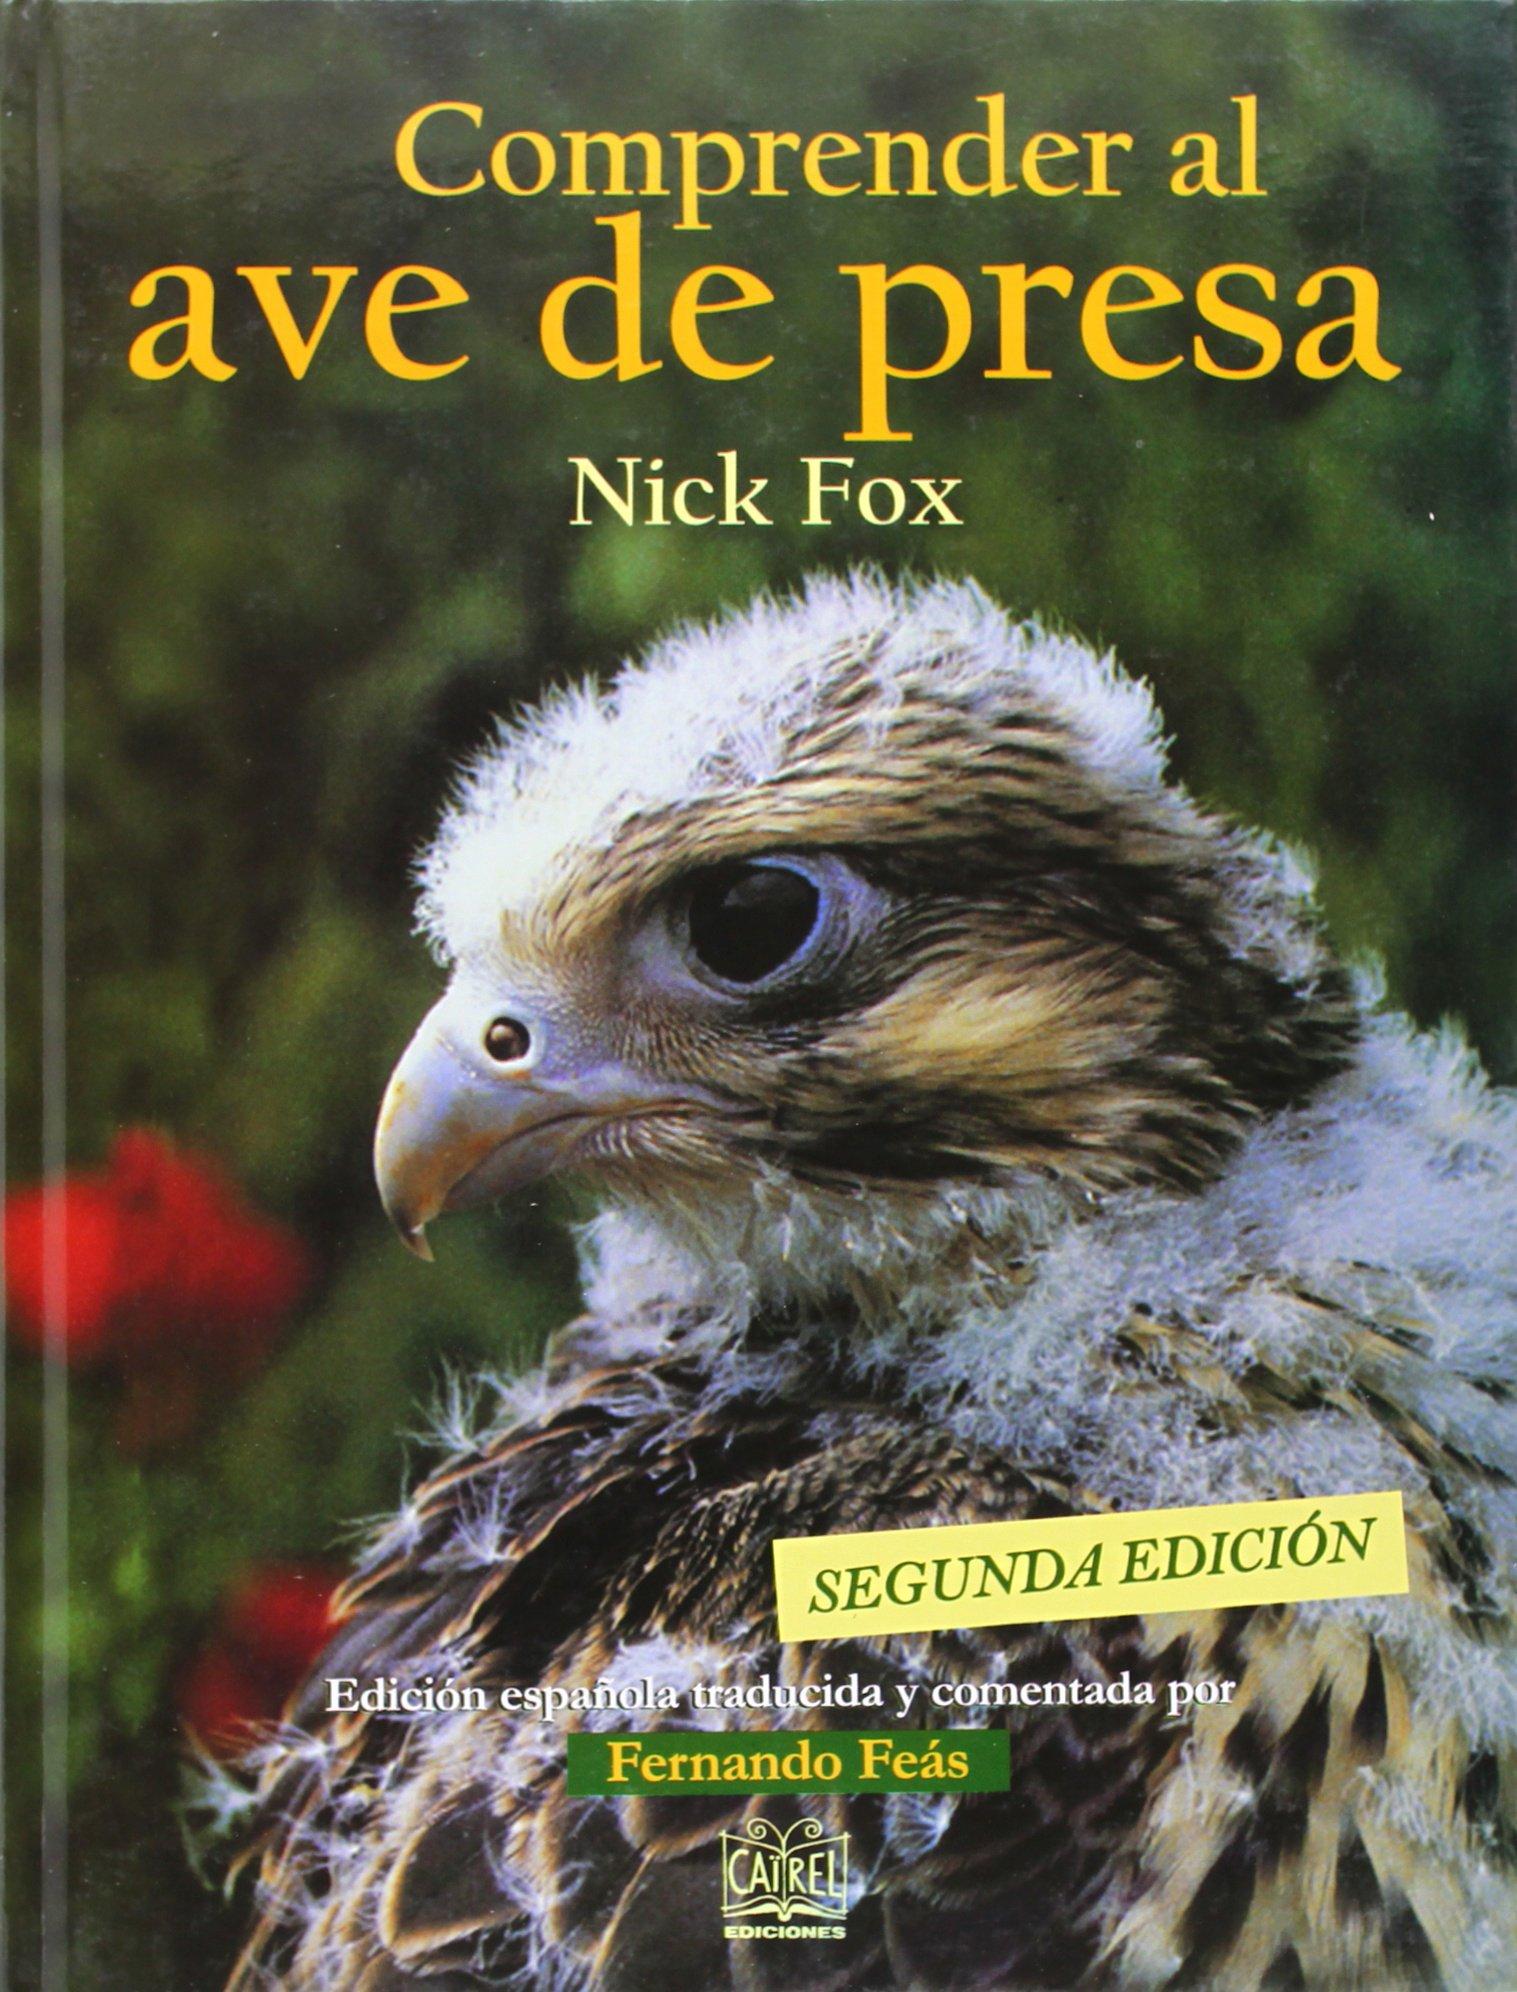 Comprender al ave de presa: Amazon.es: Fox, Nick: Libros